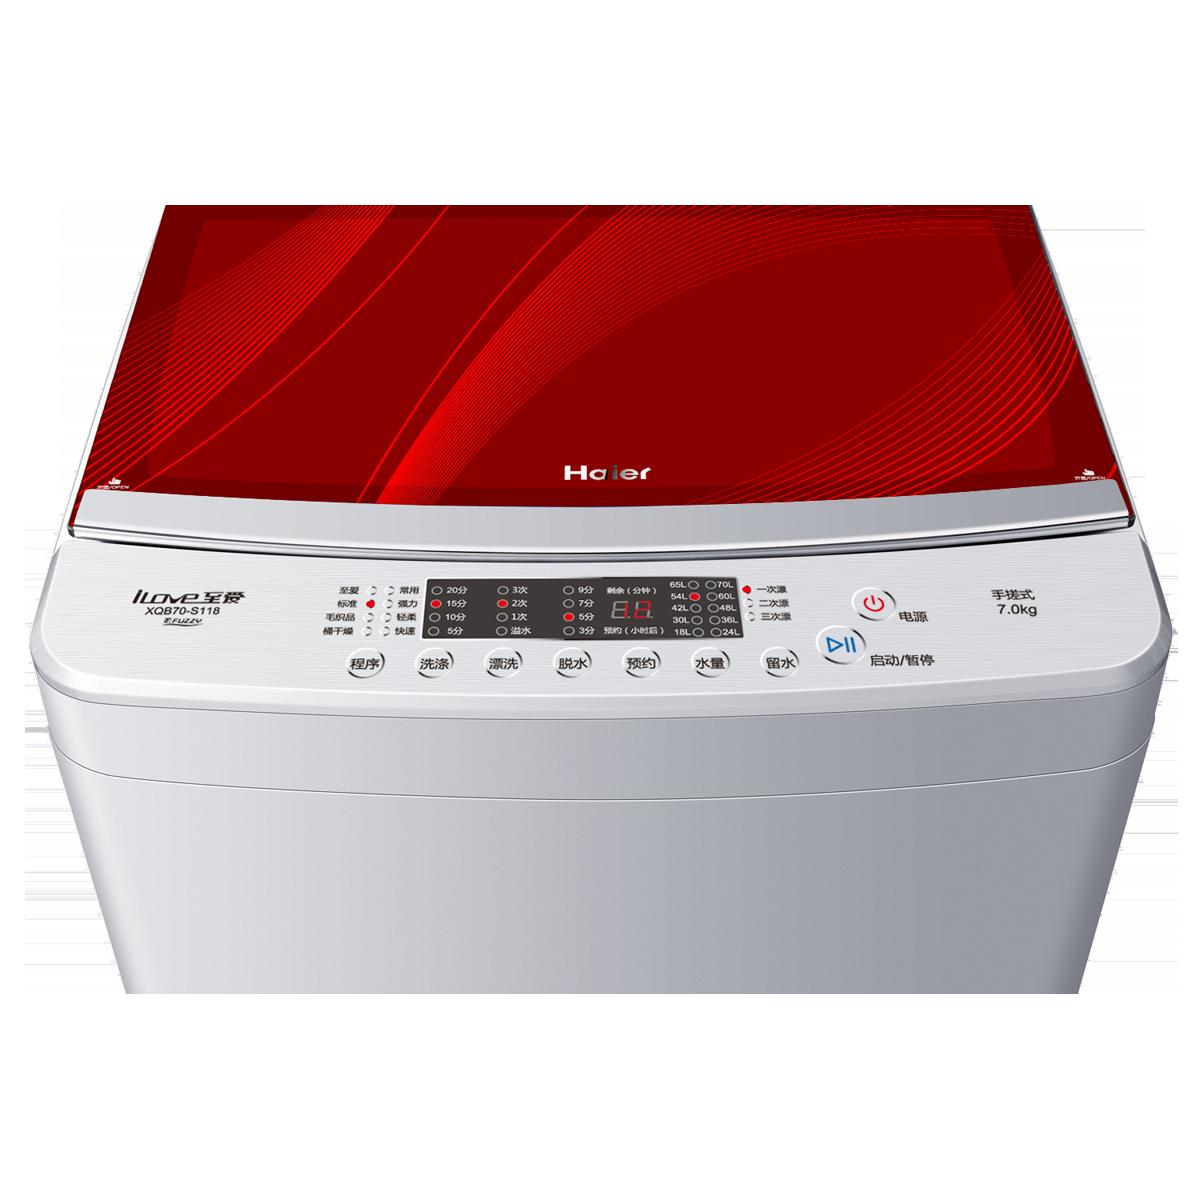 海尔波轮洗衣机 xqb60-s118